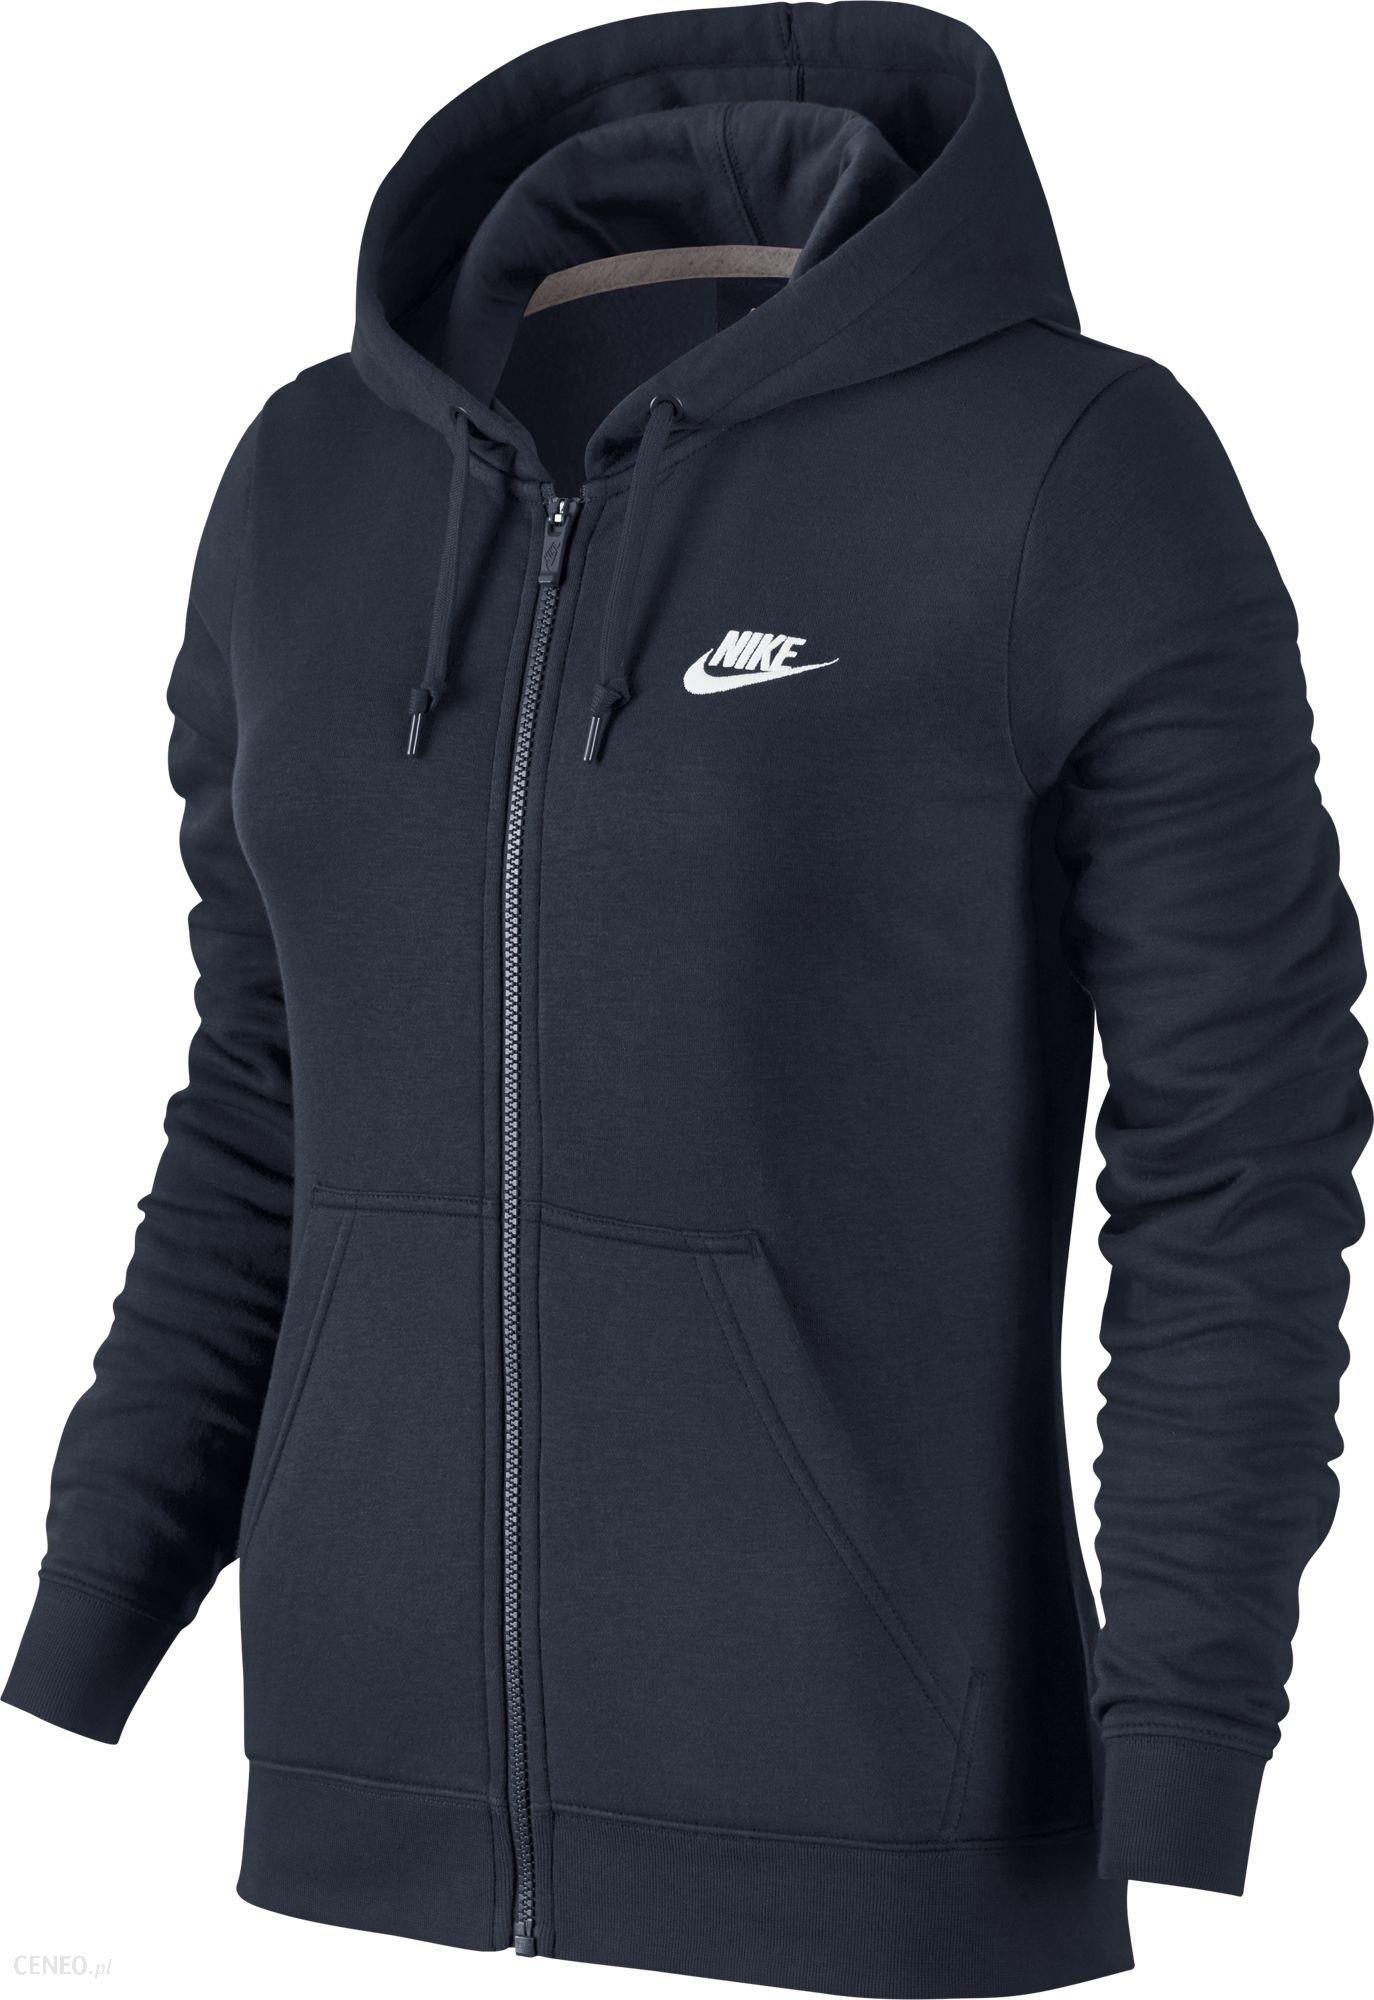 02af48811 BLUZA DAMSKA Nike W NSW HOODIE FZ FLC 803638-451 - Ceny i opinie ...